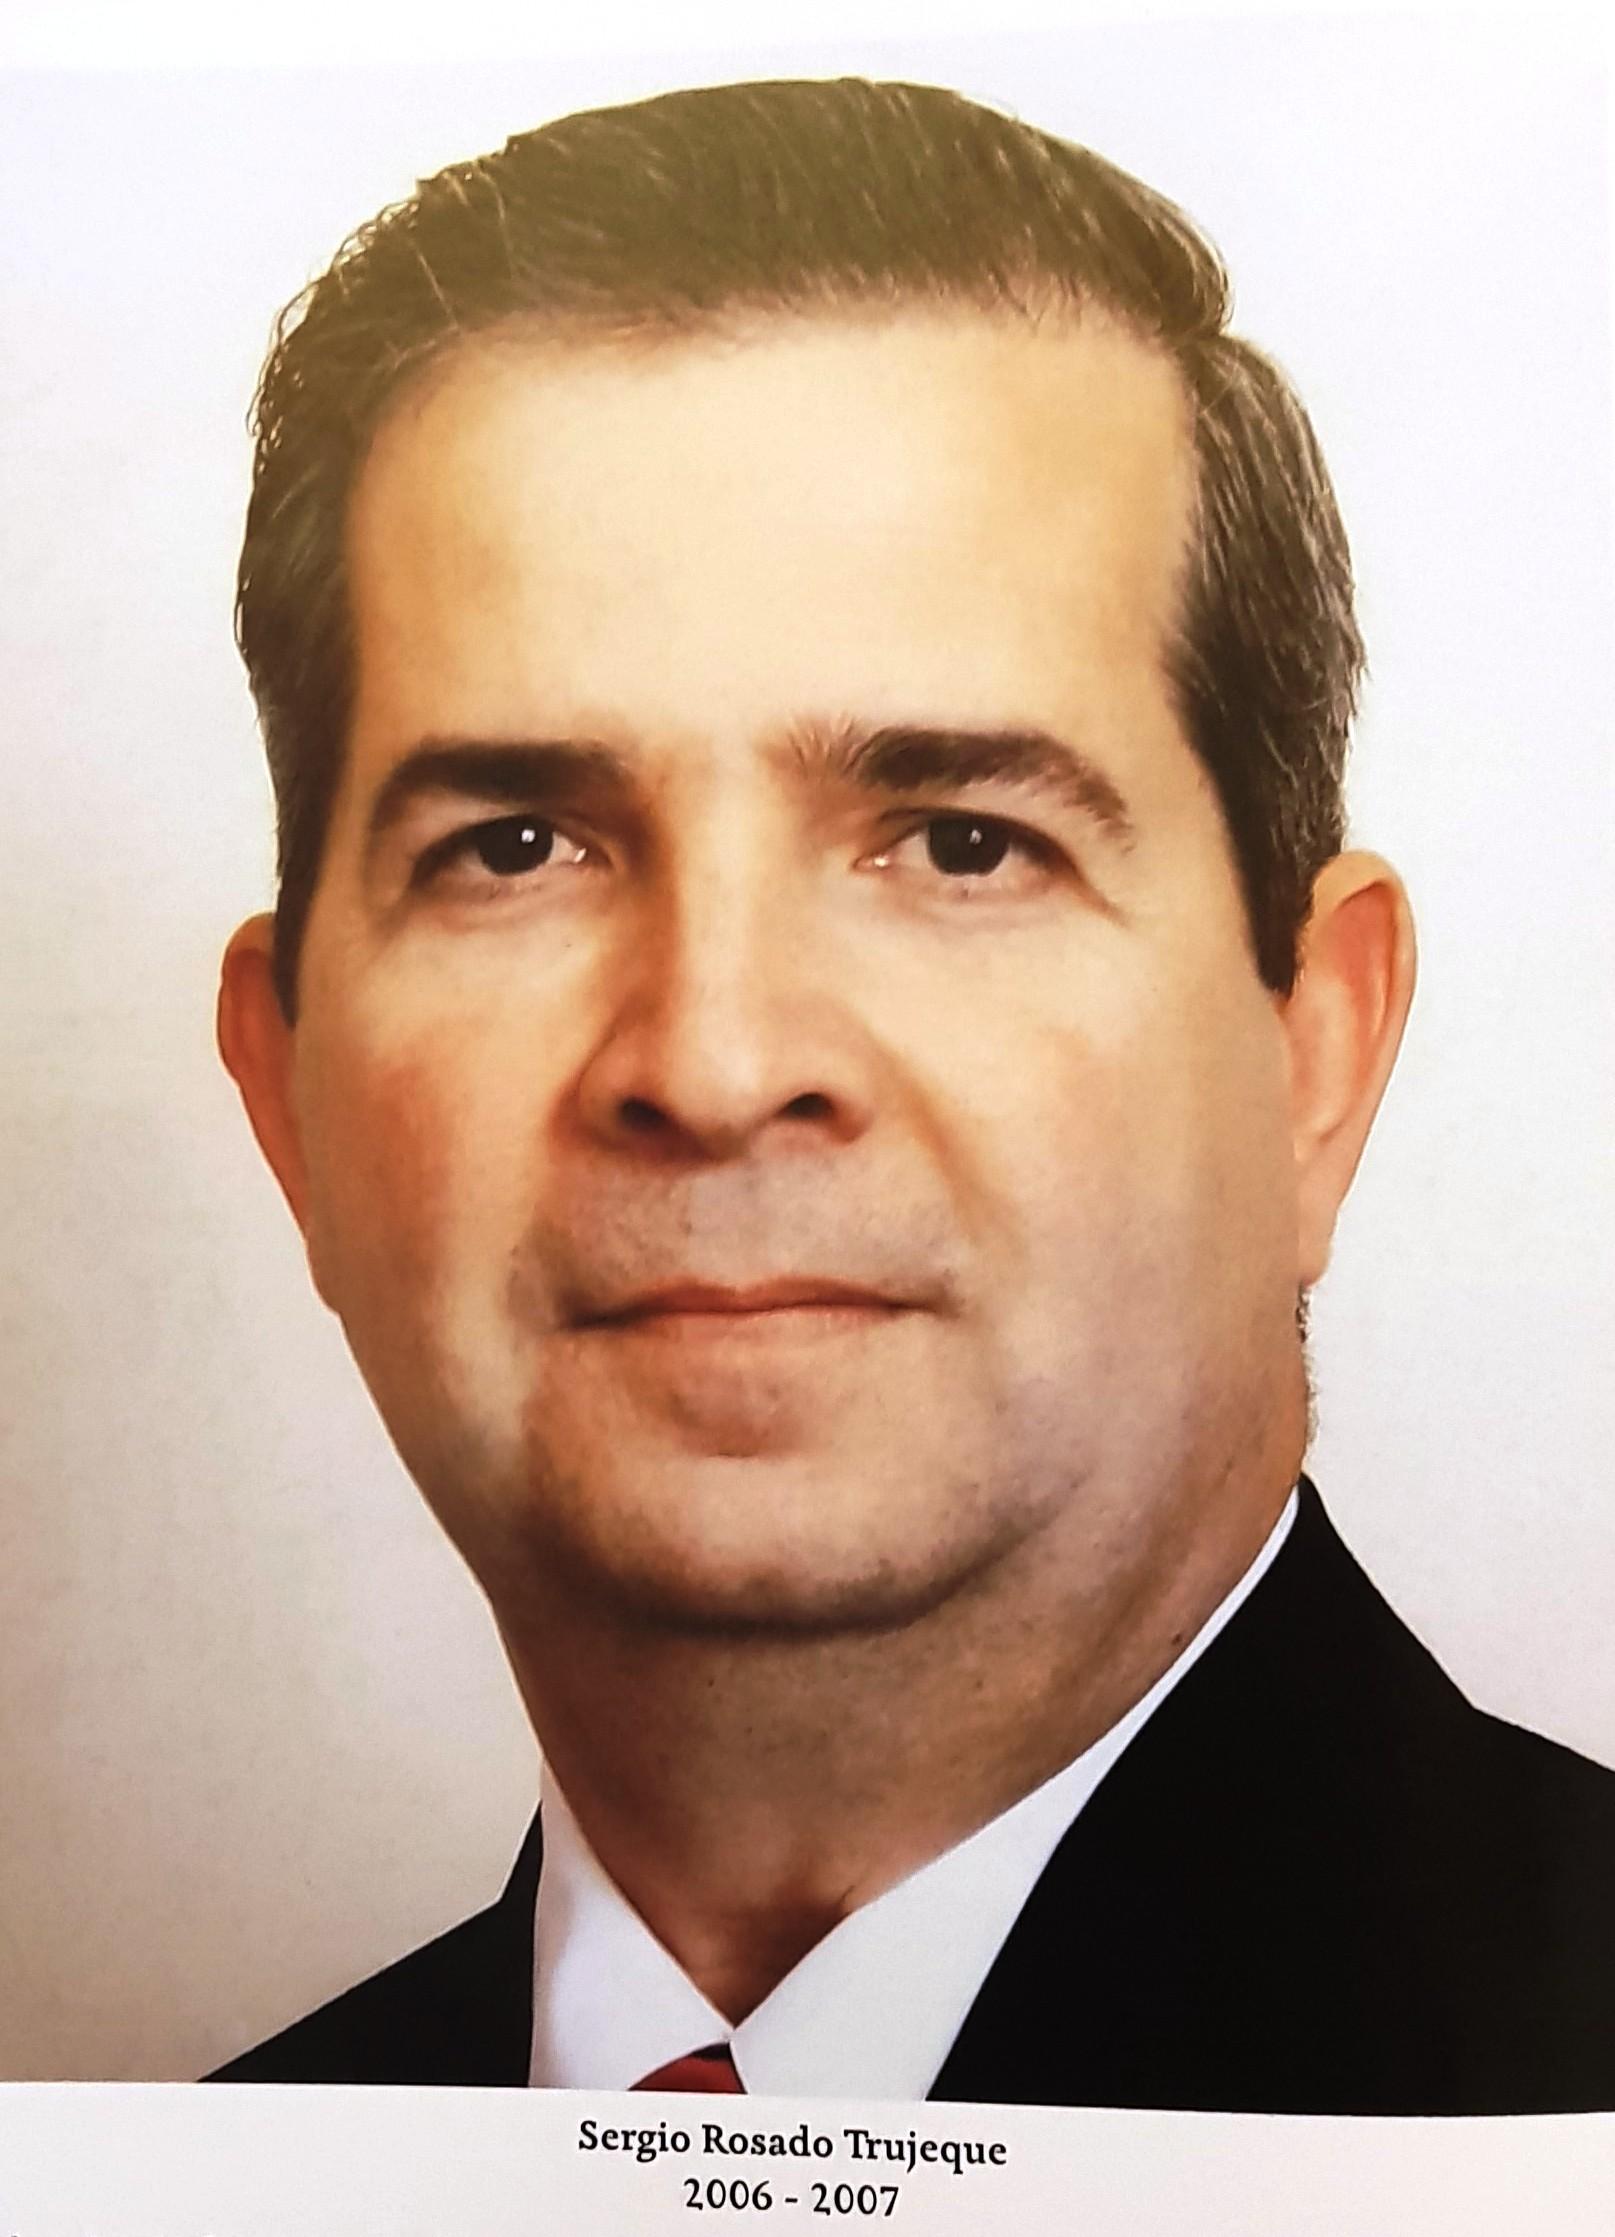 PRESIDENTE DE COPARMEX SR. SERGIO ROSADO TRUJEQUE